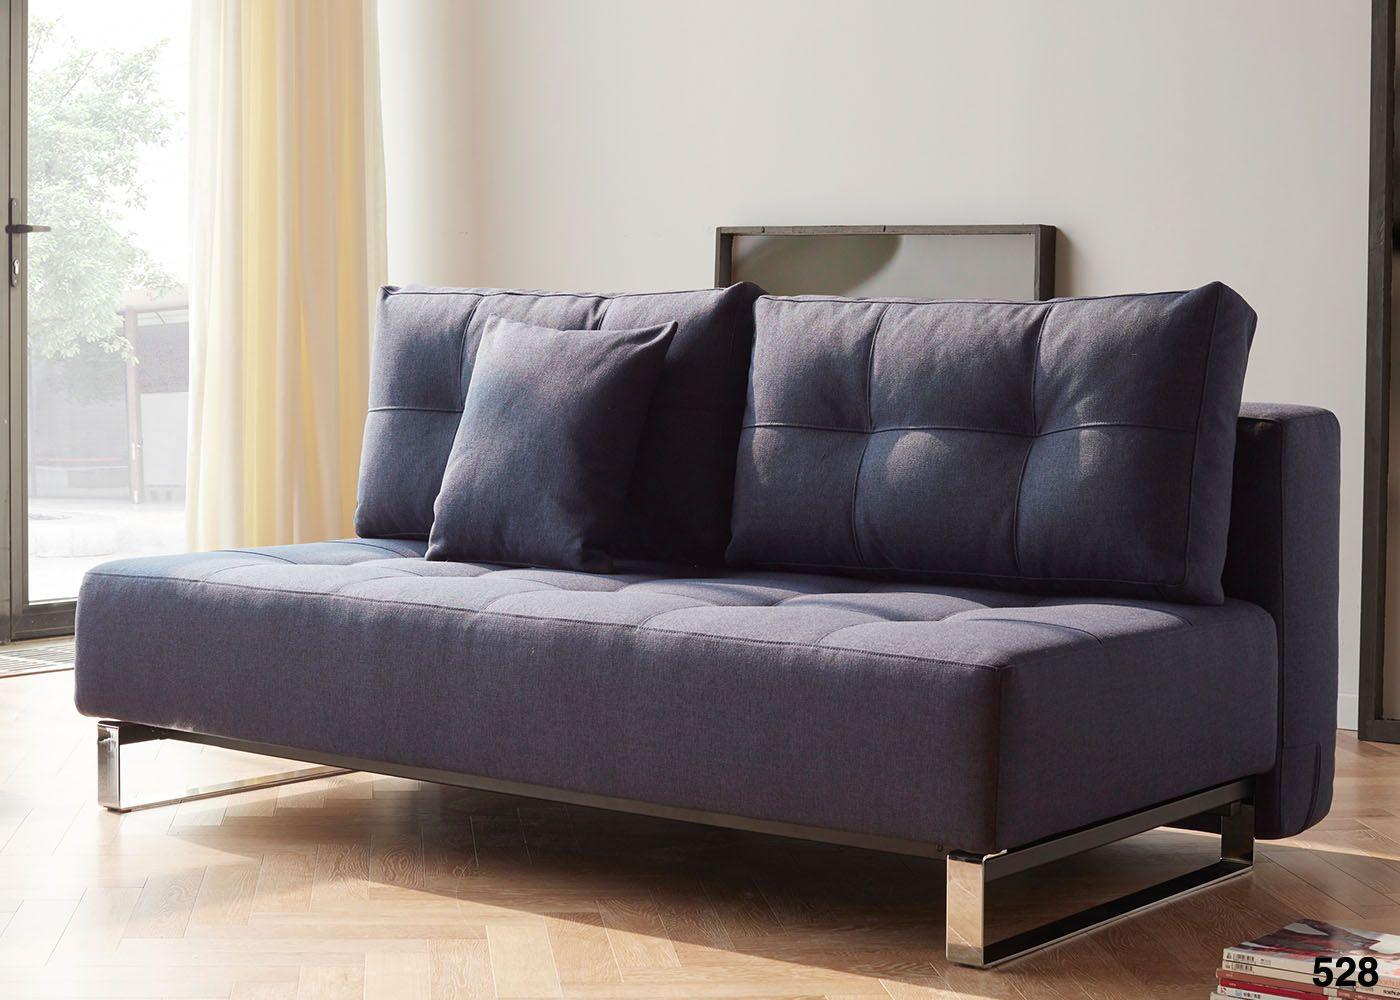 Canape Lit Epais Et Confortable Bleu Ou Gris Avec Pieds En Metal Chrome Supremax Par Innovation Living Canape Sans Accoudoir Canape Design Canape